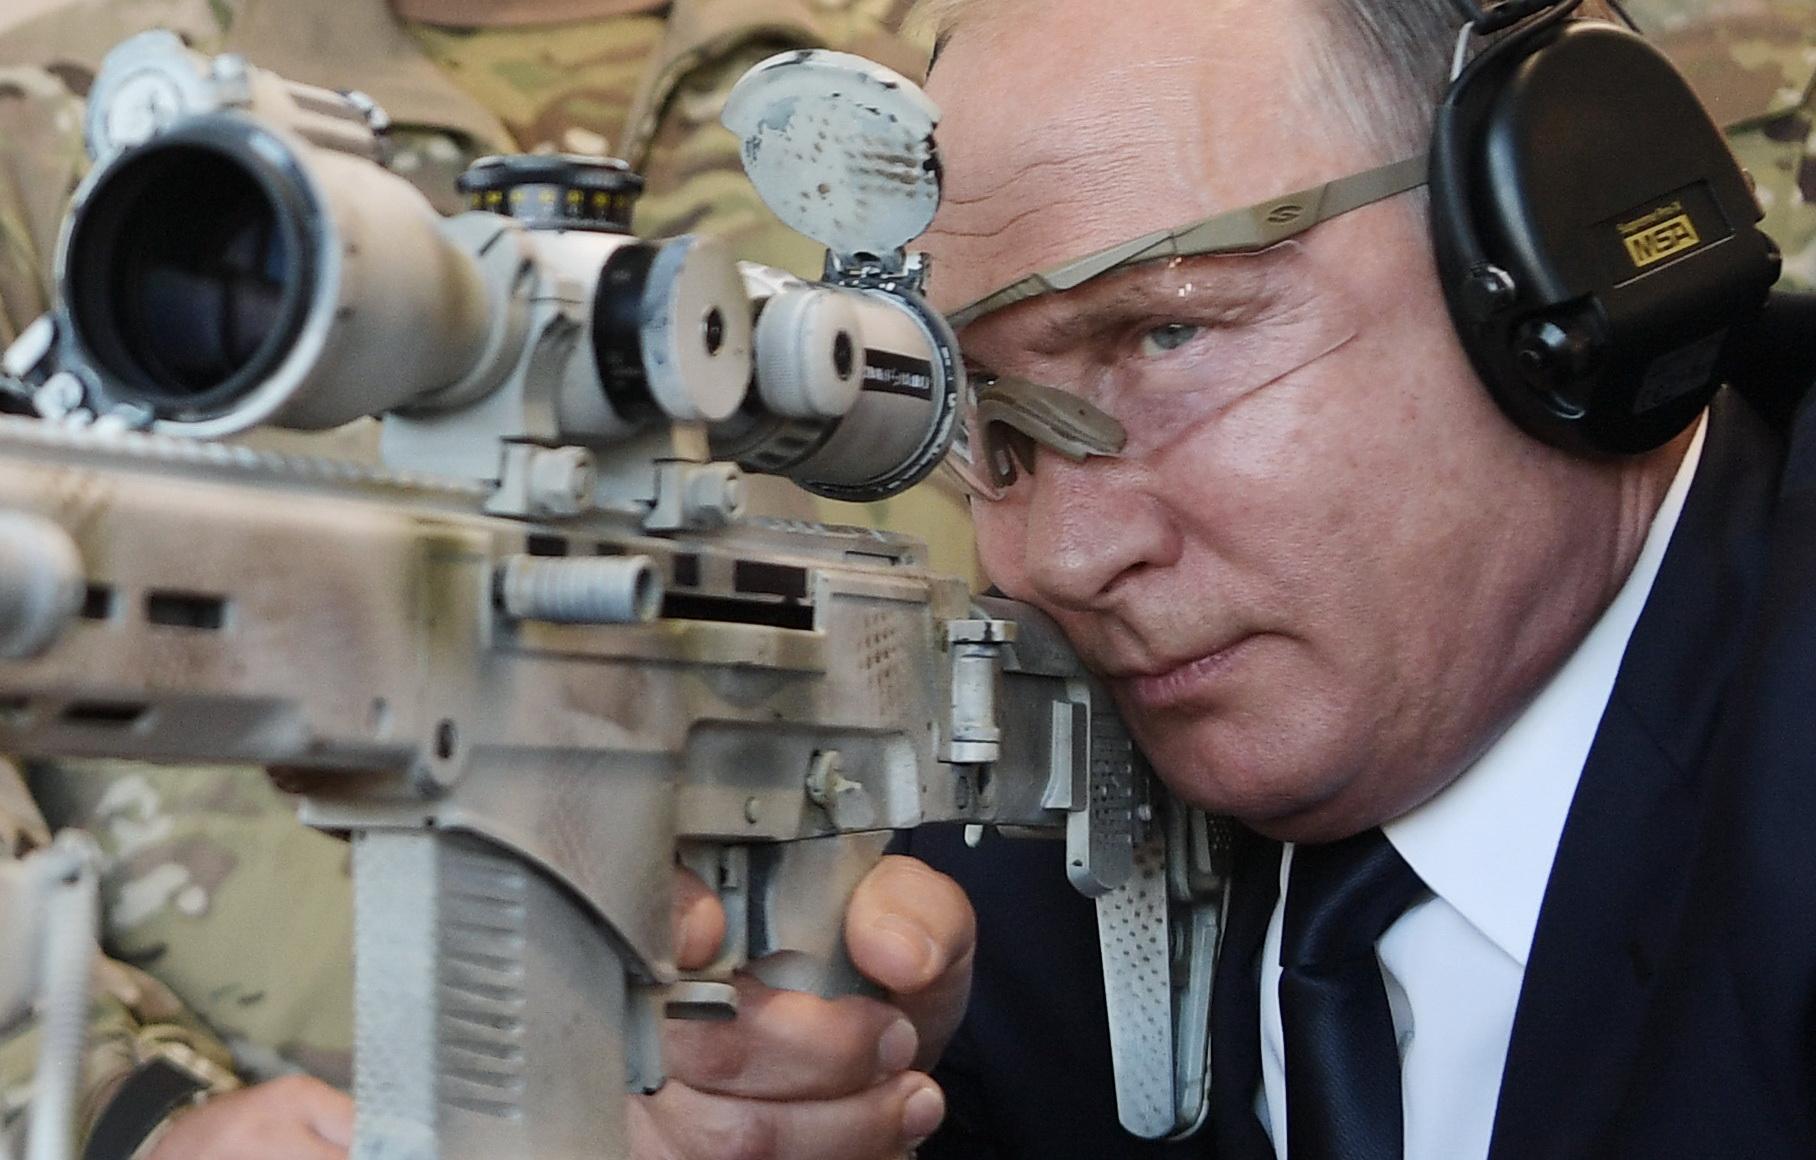 2018년 9월 19일, 모스크바 외곽 쿠빈카의 군사애국공원을 방문해 저격용 소총을 조준하는 푸틴. [AFP=연합뉴스]